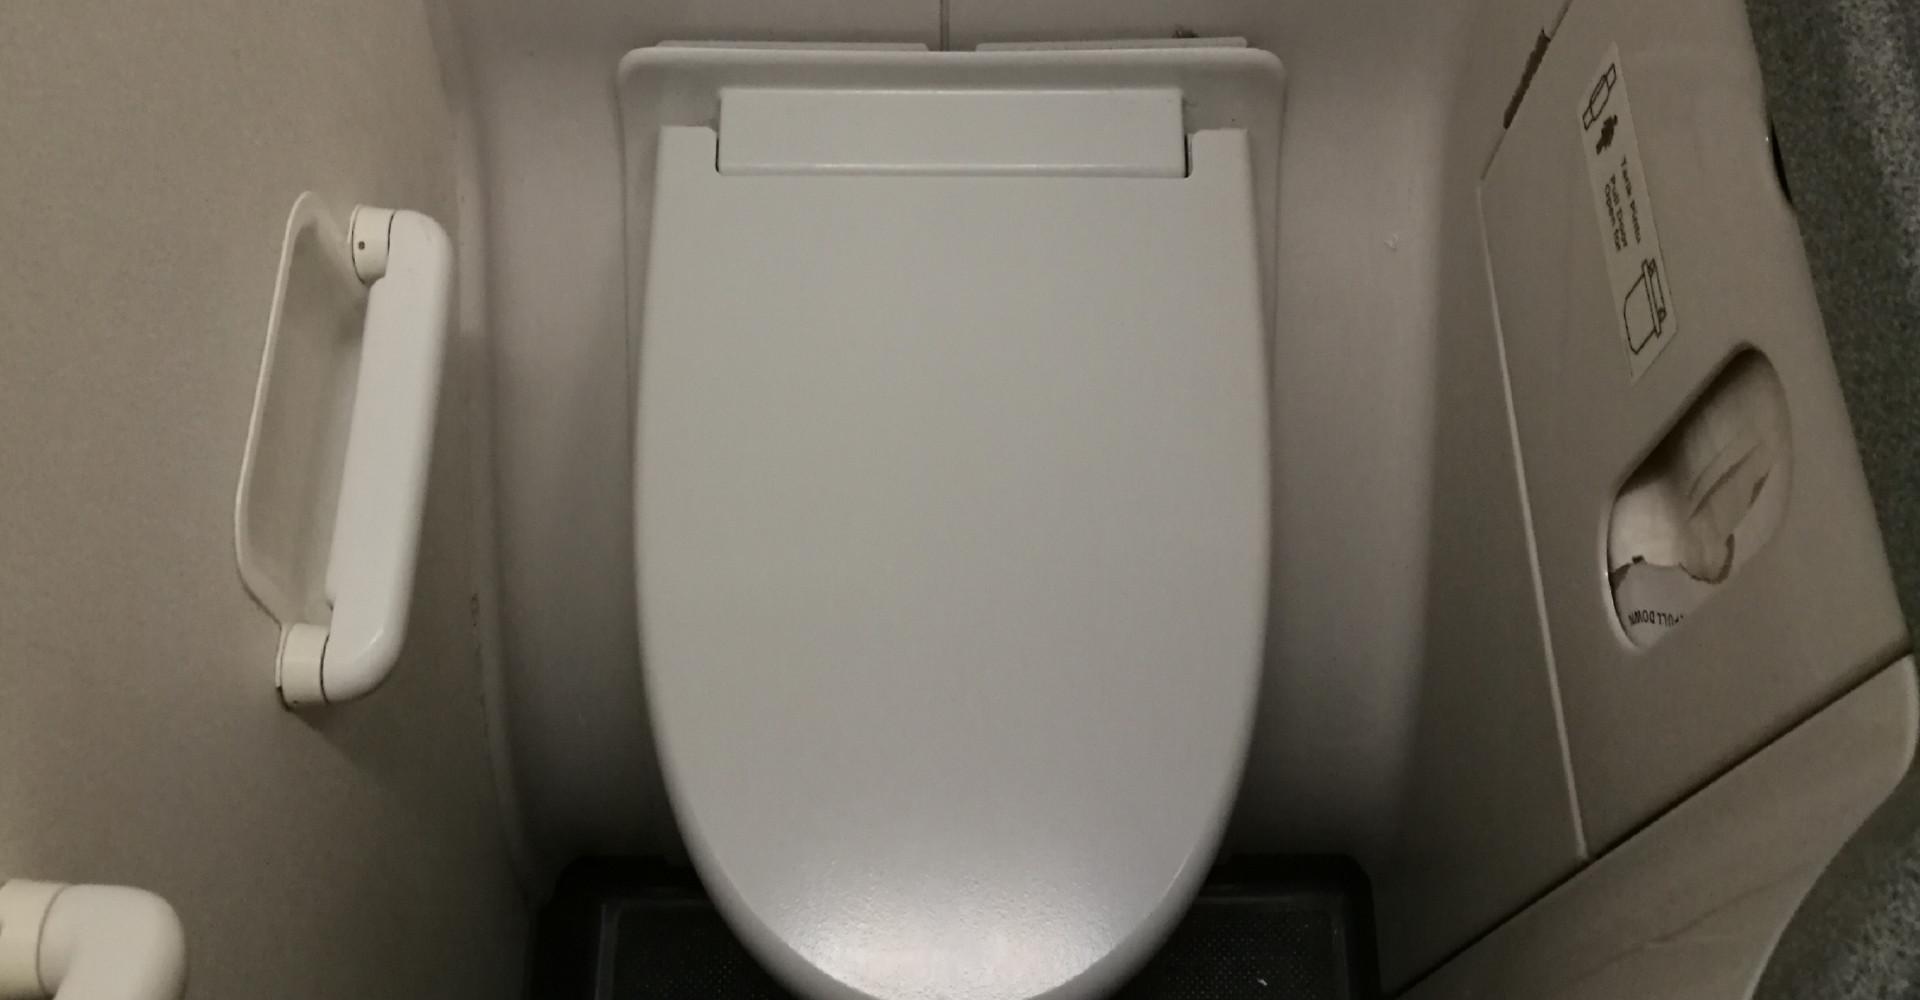 Worden vliegtuigtoiletten nóg kleiner?